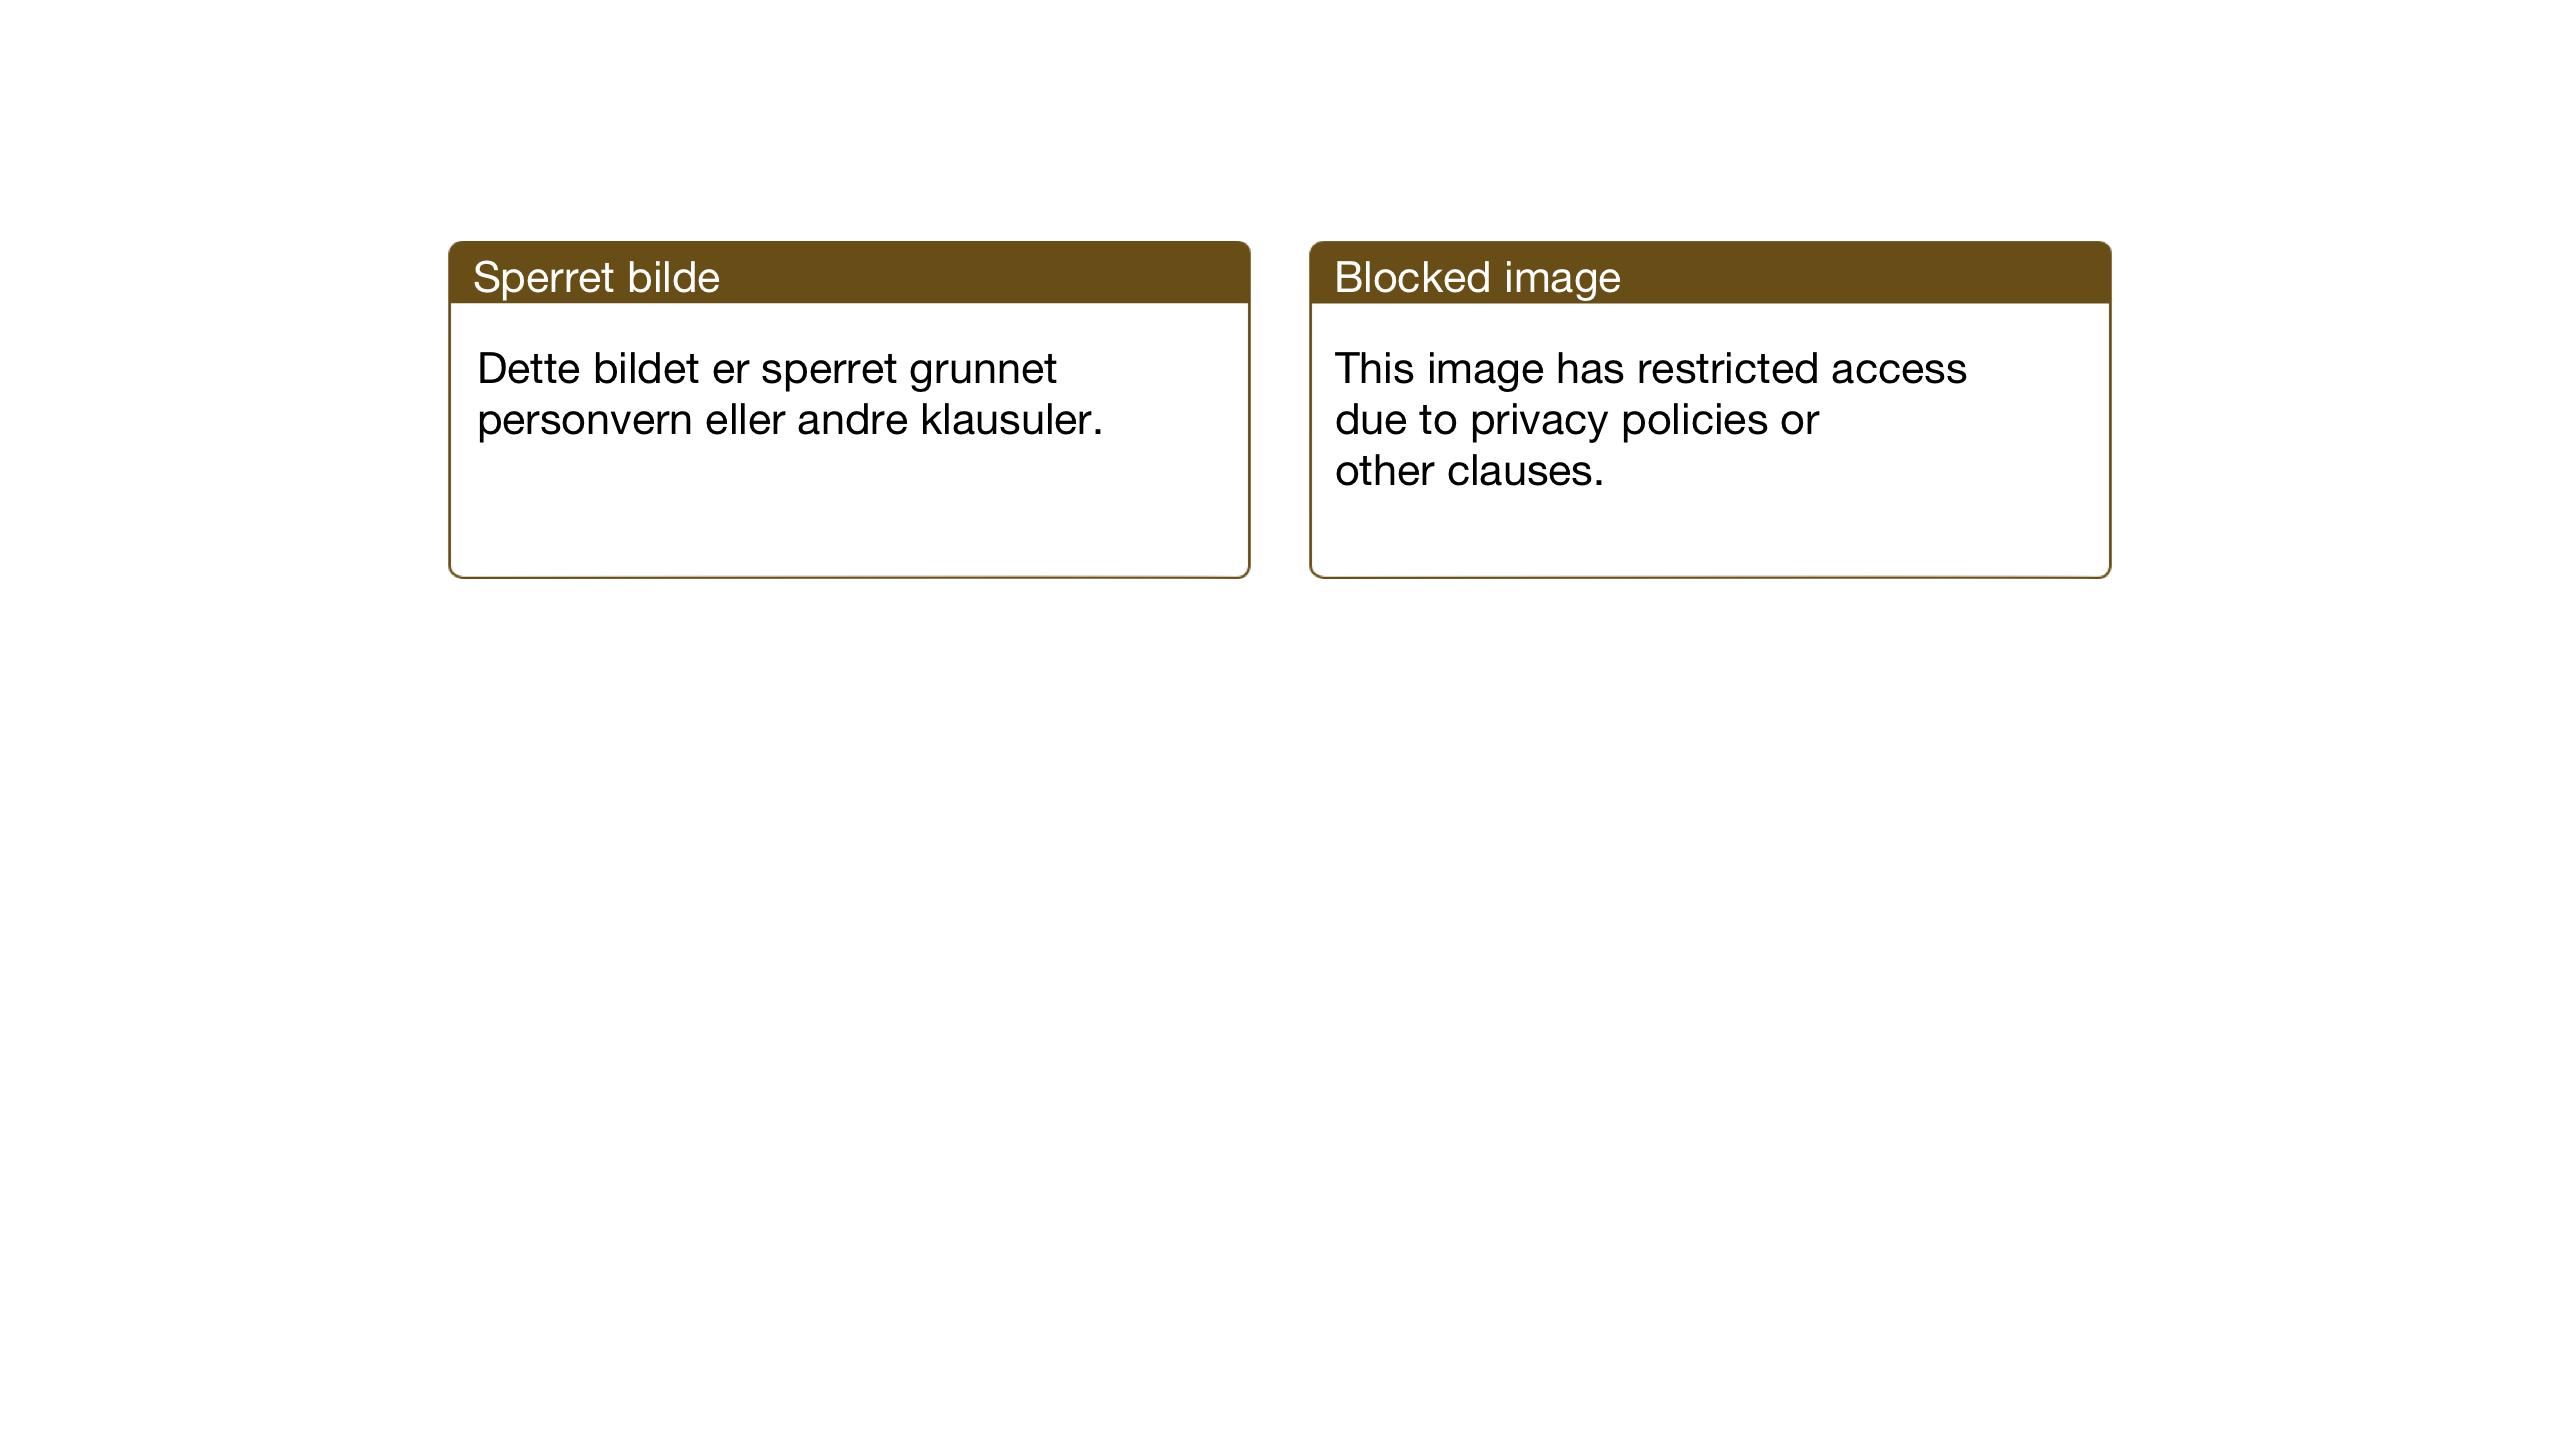 SAT, Ministerialprotokoller, klokkerbøker og fødselsregistre - Nord-Trøndelag, 710/L0097: Klokkerbok nr. 710C02, 1925-1955, s. 99